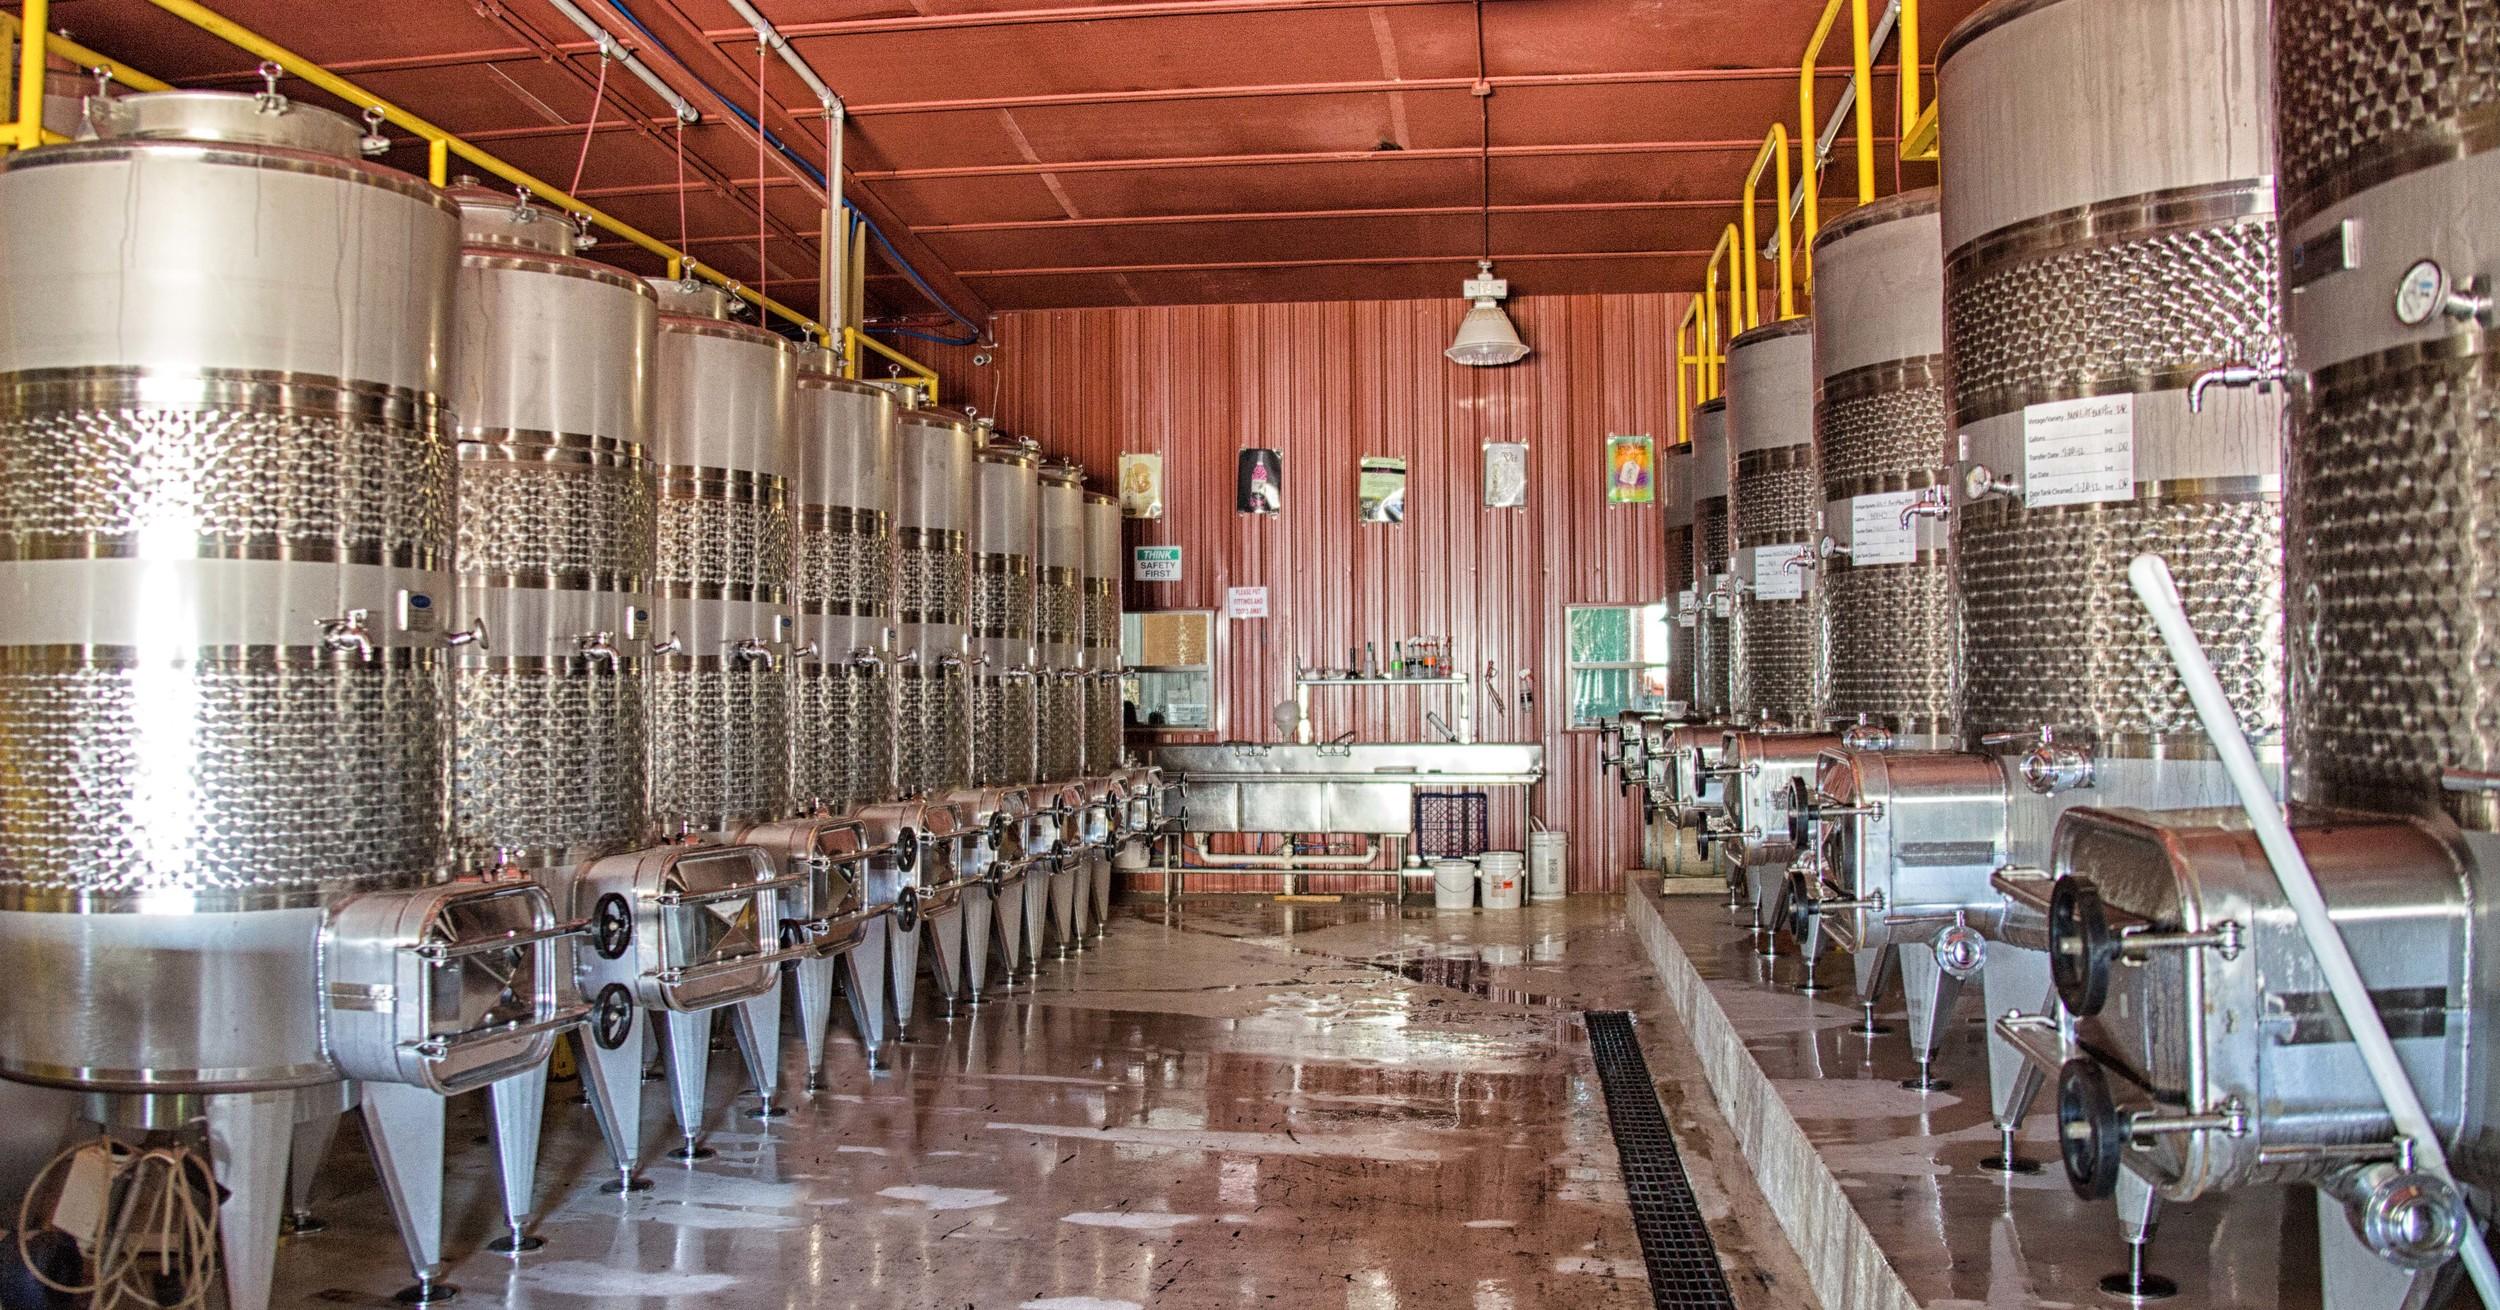 fermentations_tanks_kiepersol.jpg